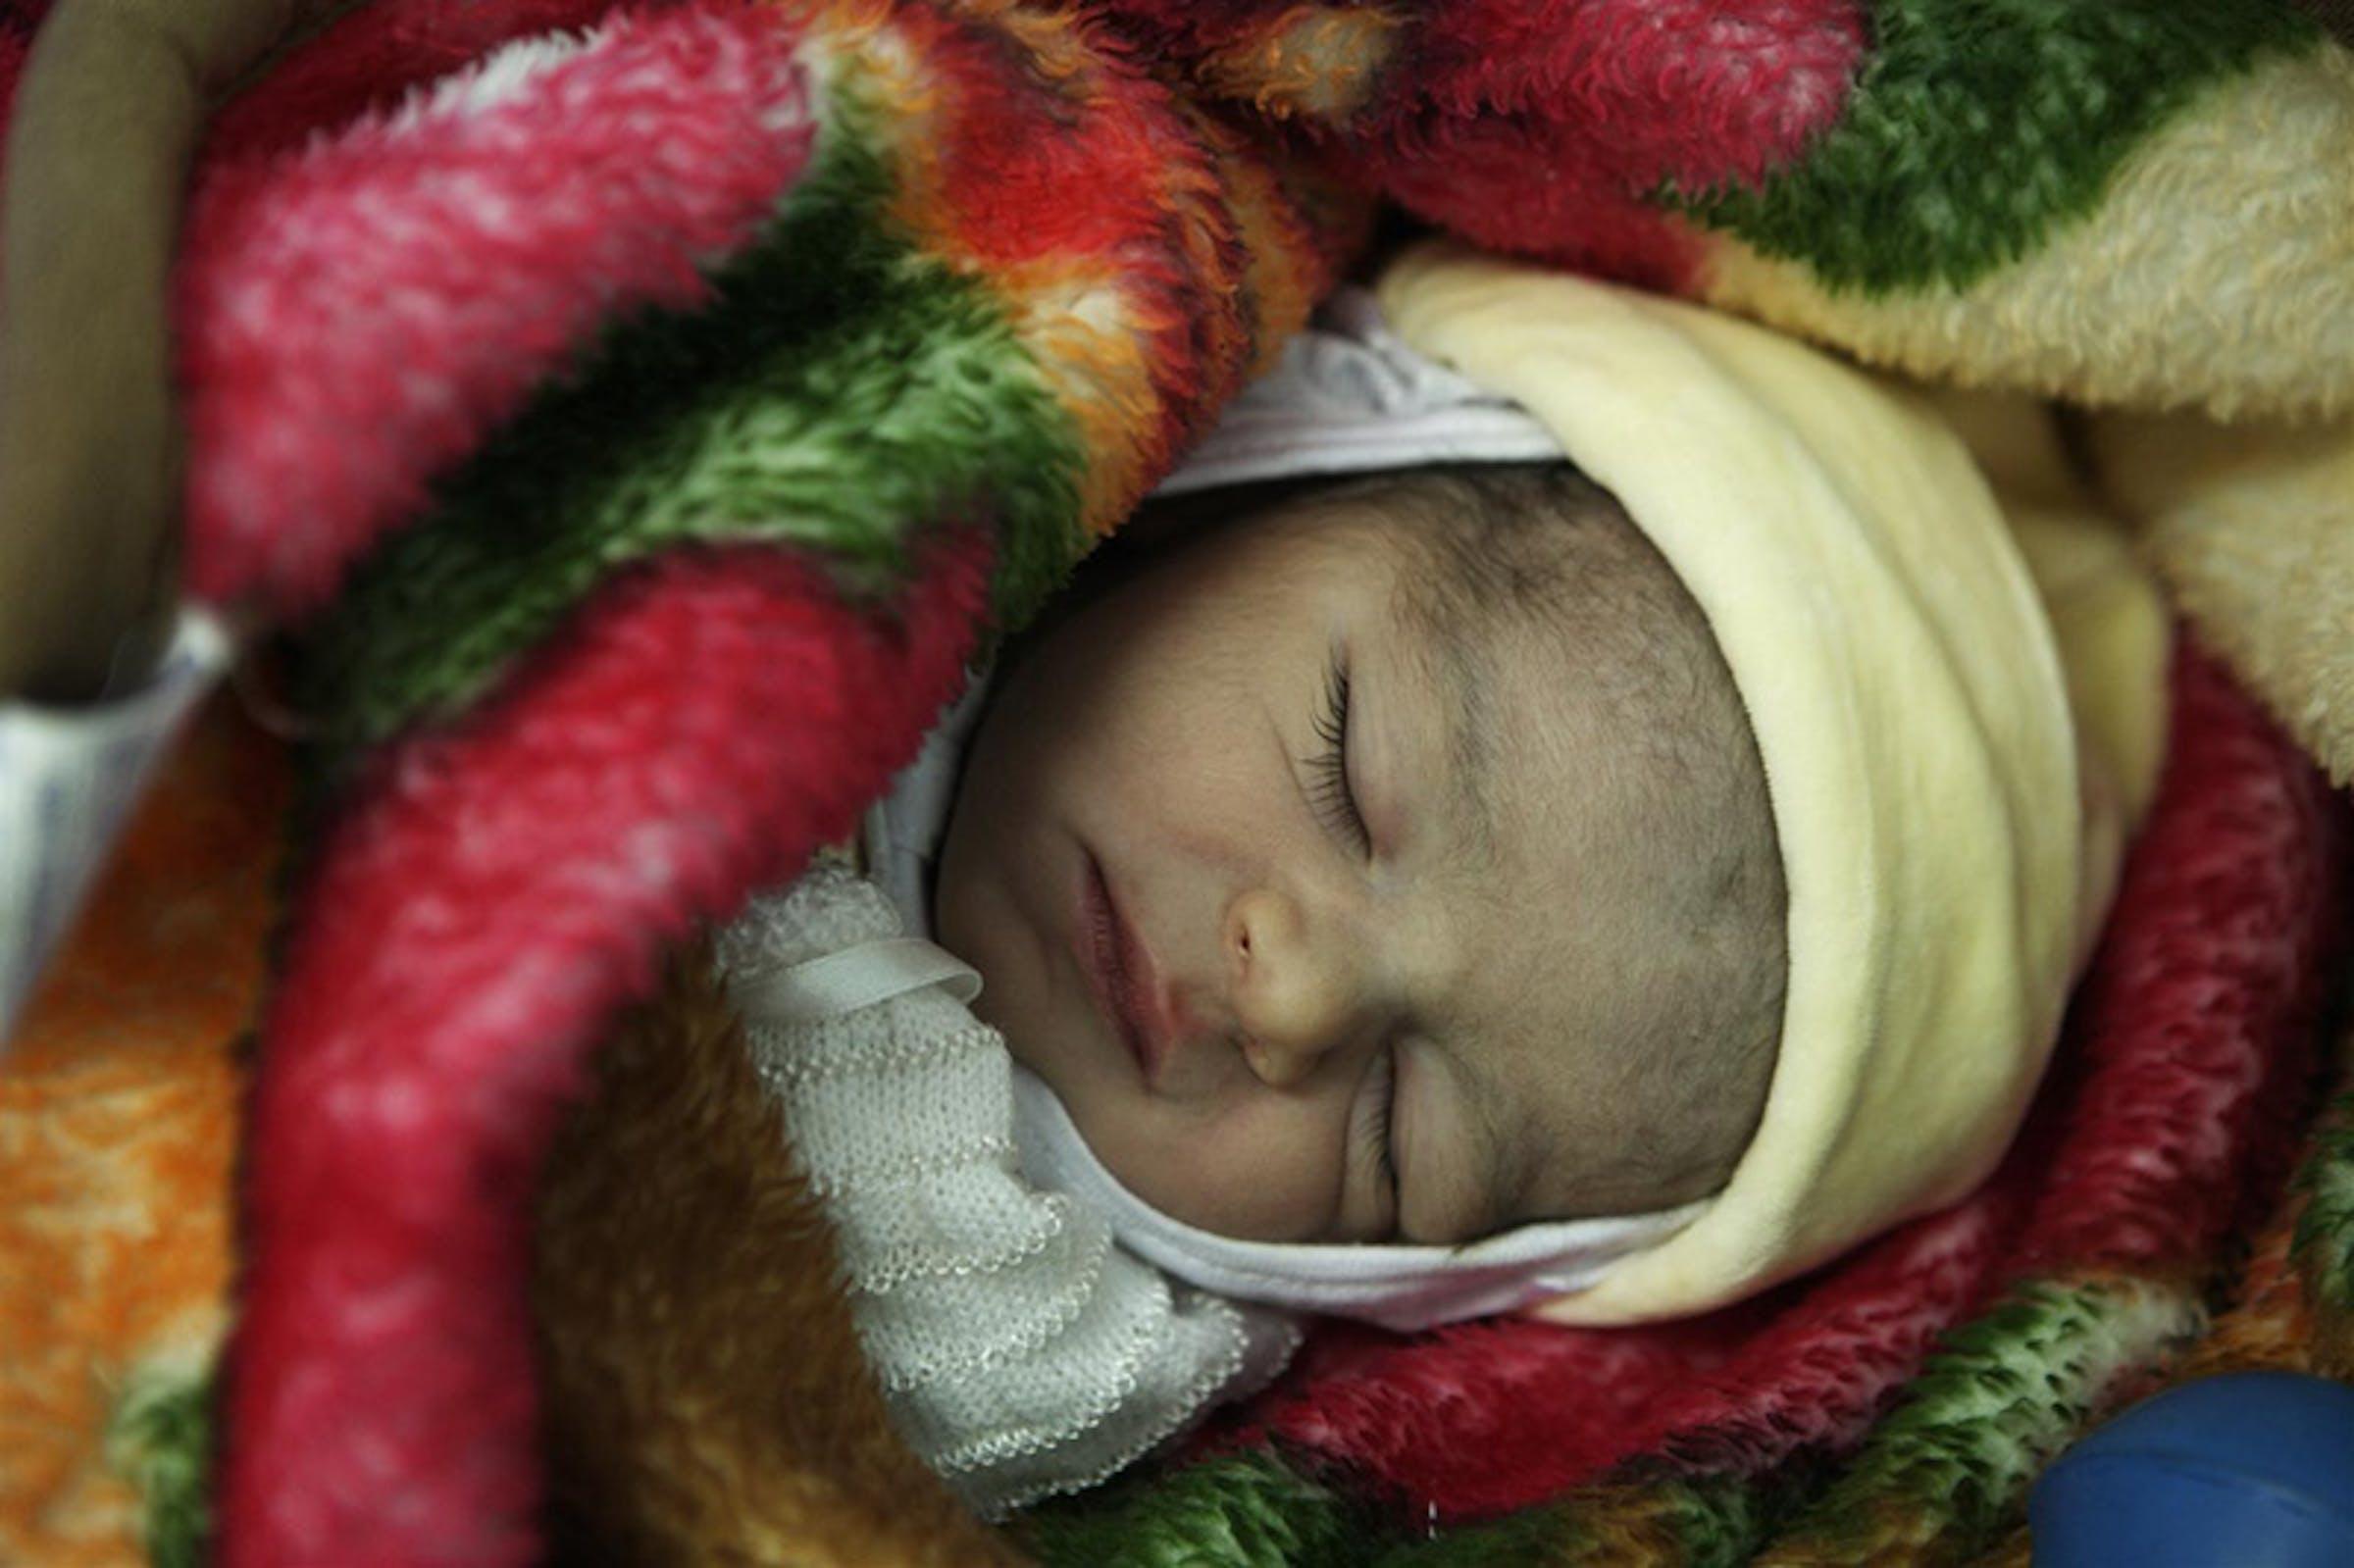 Un neonato di Latakia (Siria) - ©UNICEF/NYHQ2006-0788/S.Noorani